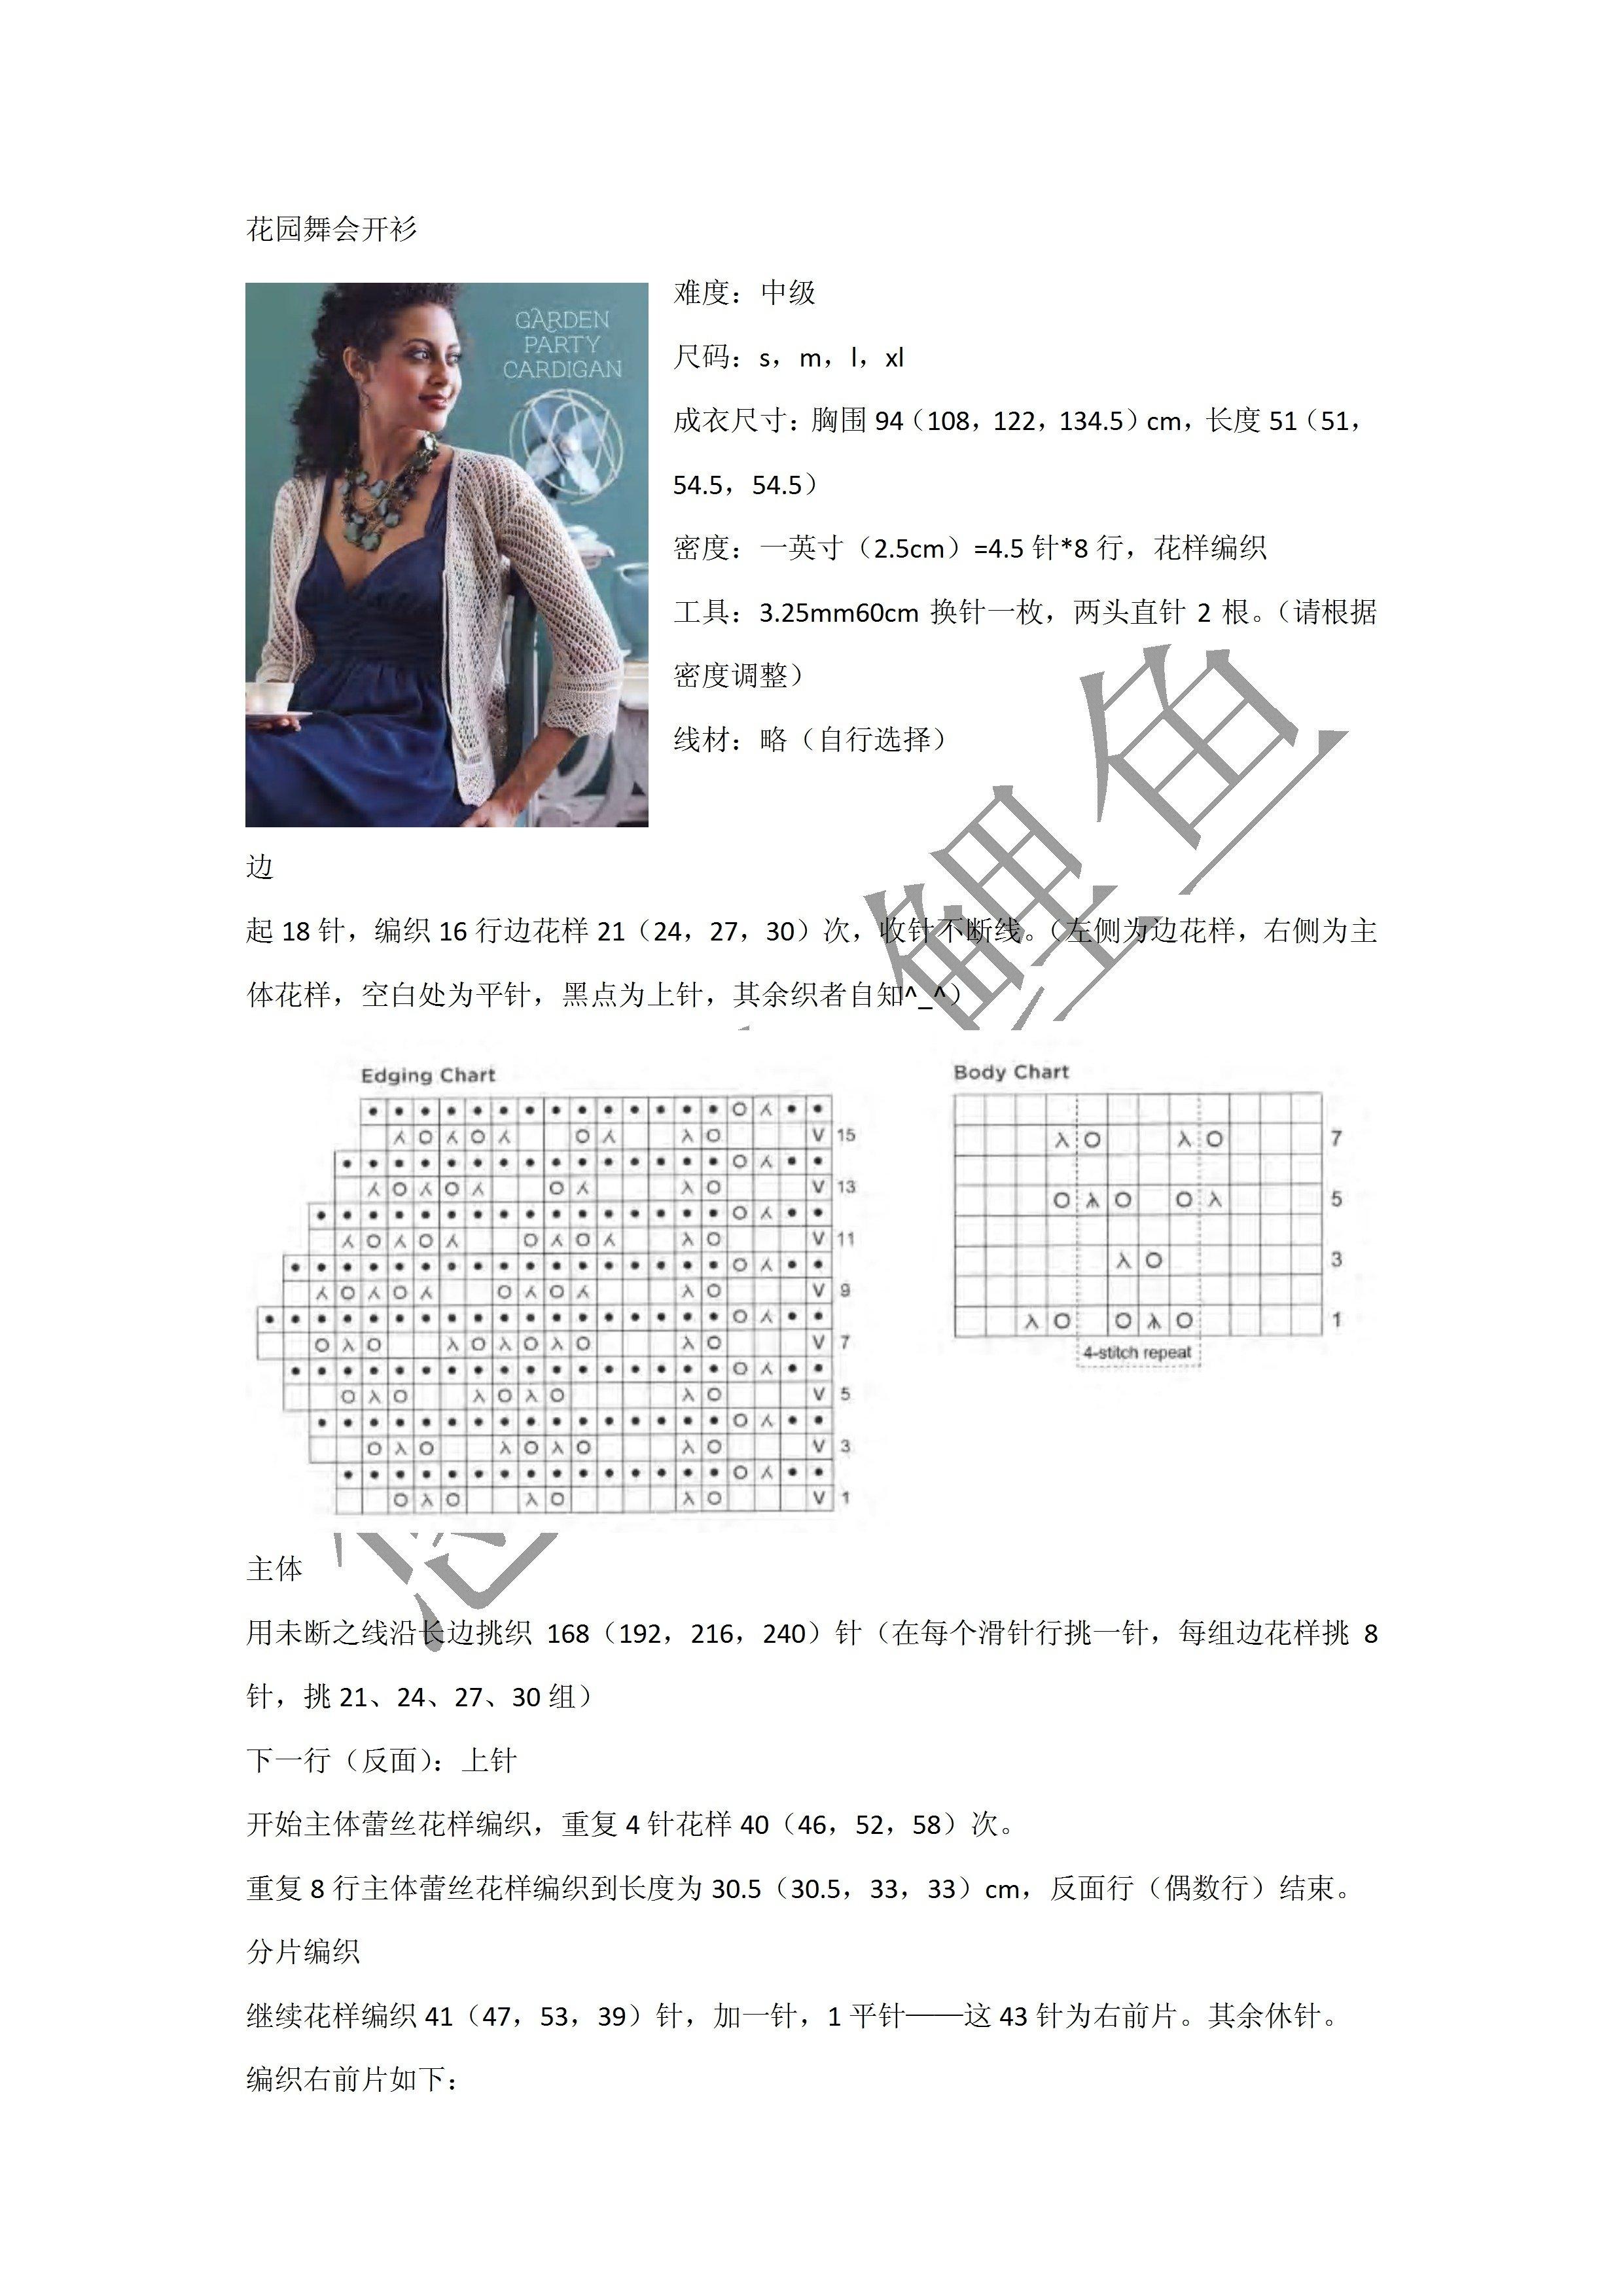 [棒针翻译] 【鲤鱼图解】夏日经典系列之花园舞会开衫 - yn595959 - yn595959 彦妮